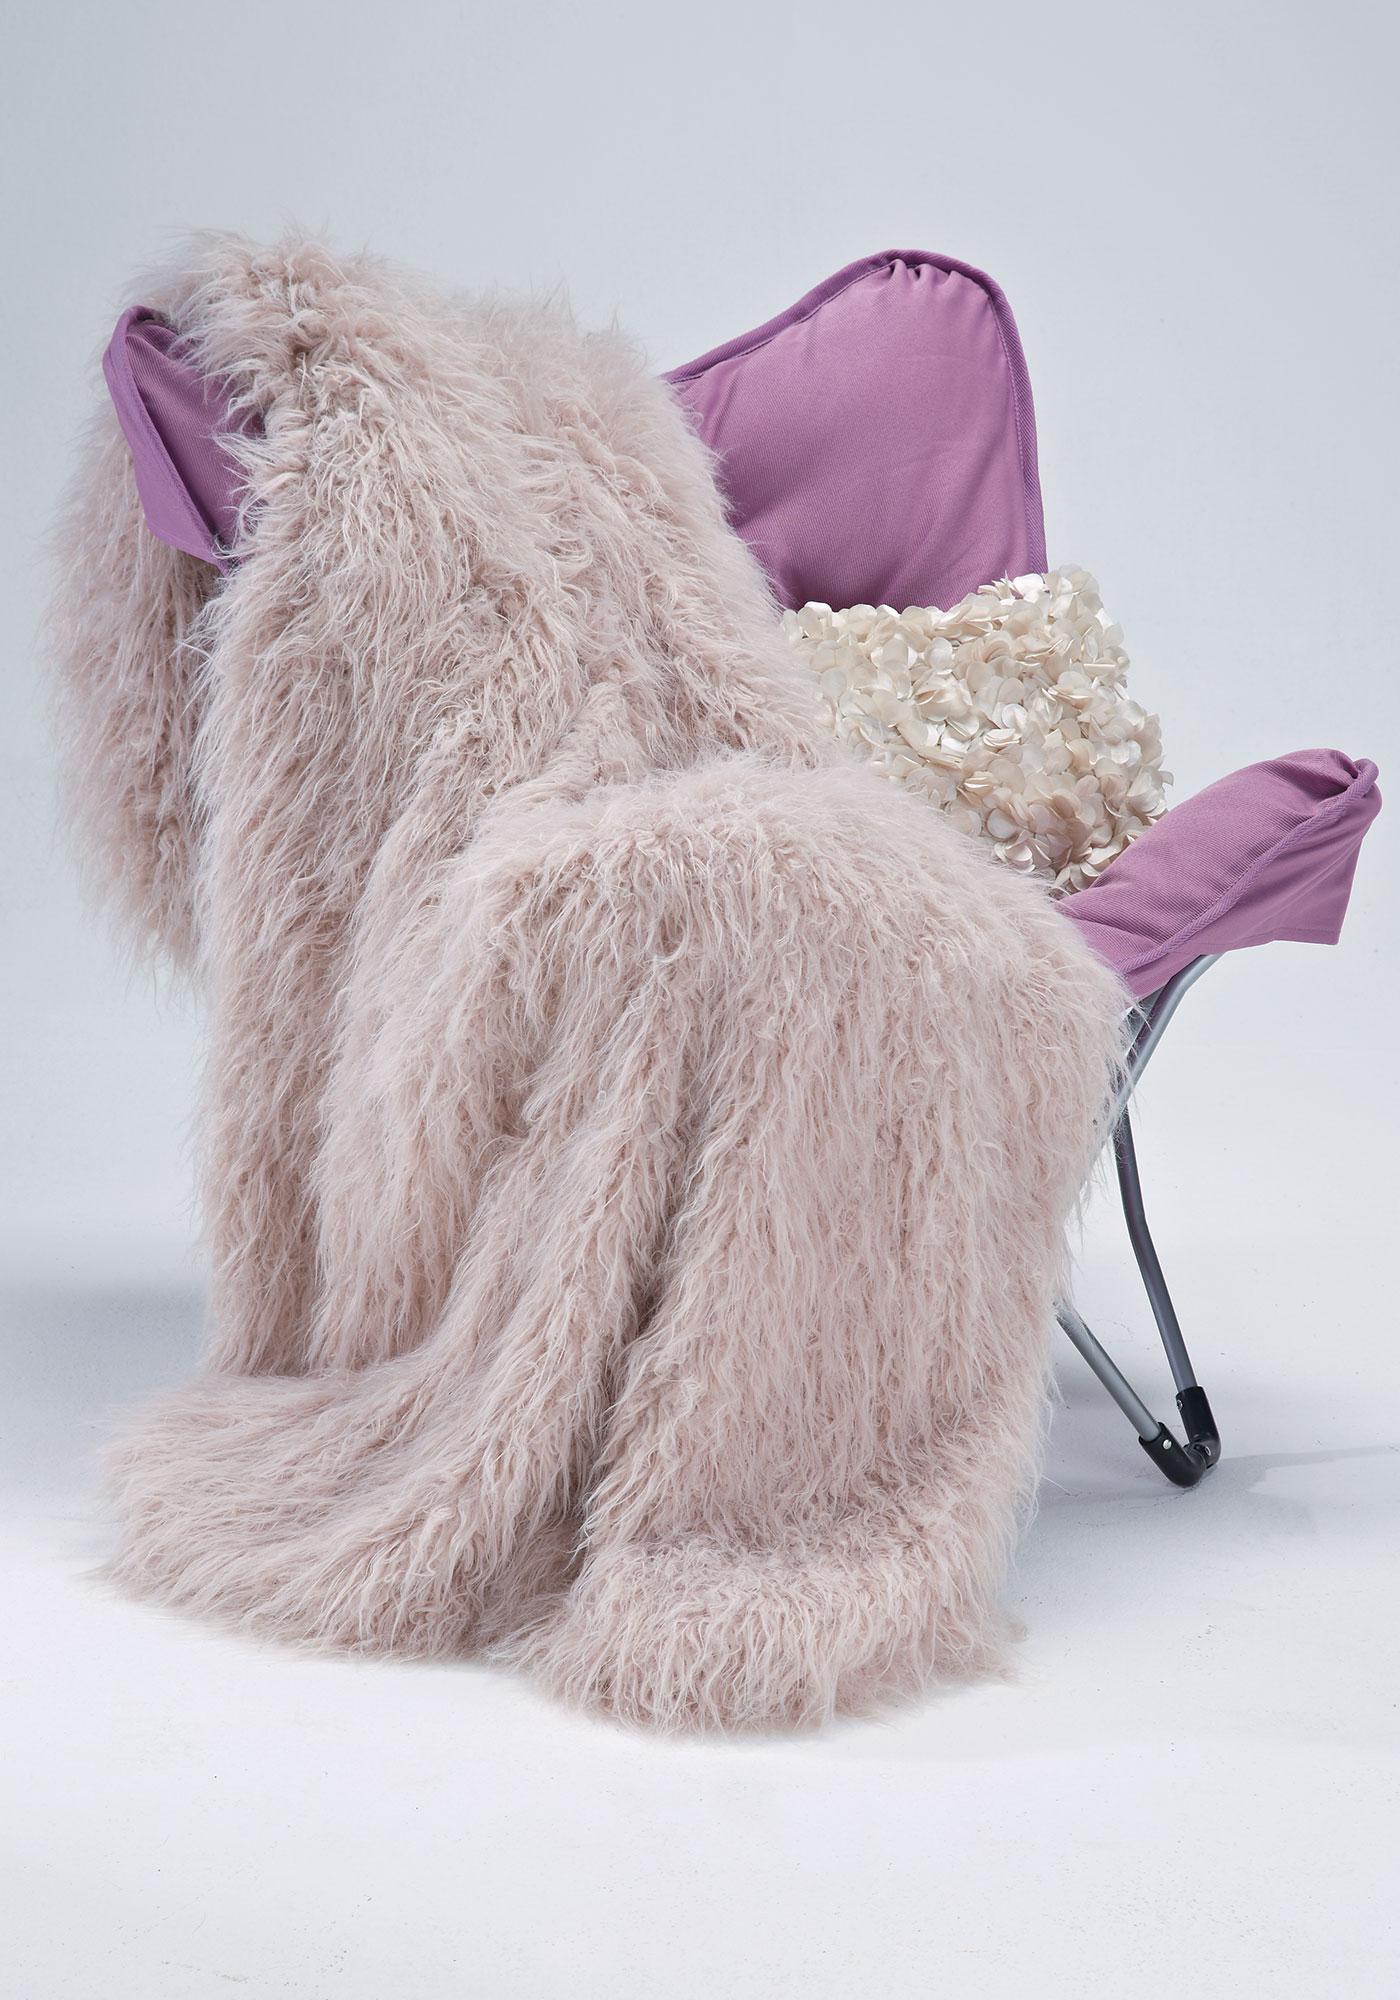 Mauve Tibetan Lamb Faux Fur Throw, $99 @fabulousfurs.com